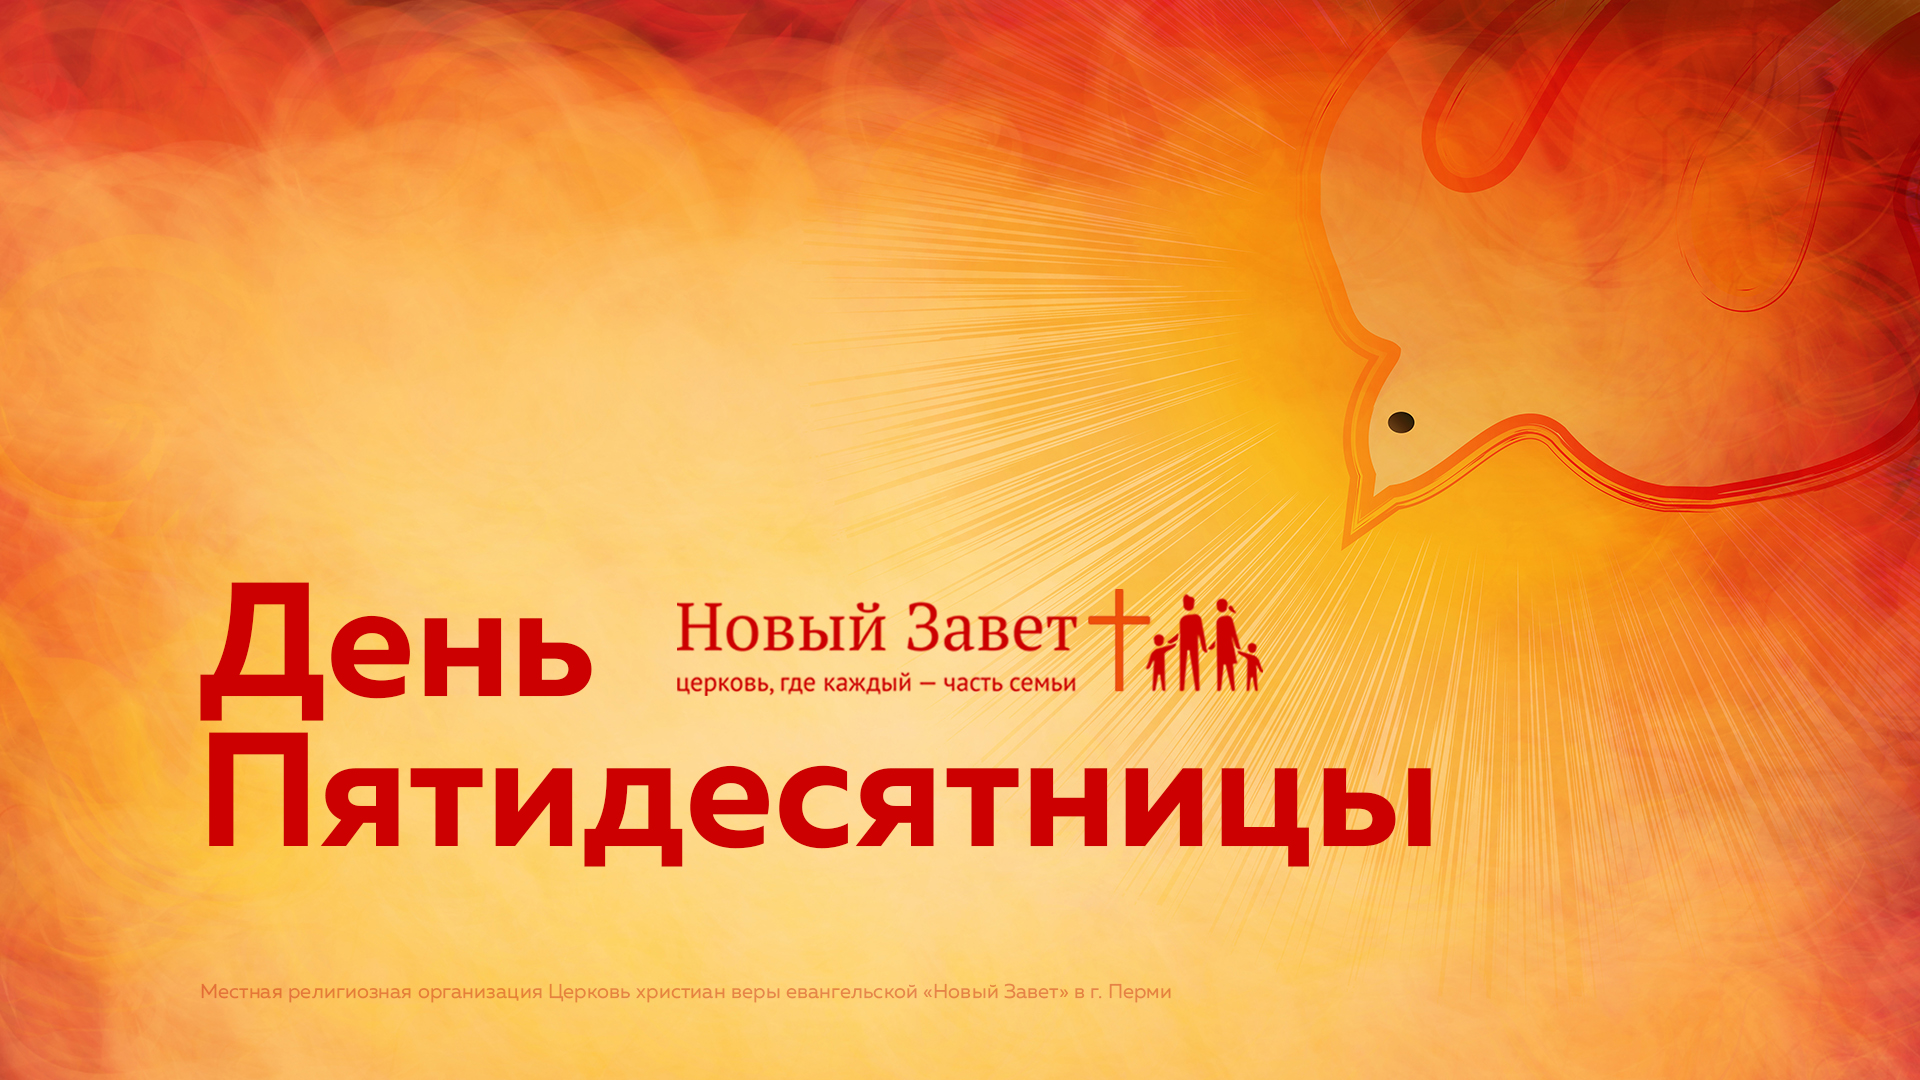 Поздравление начальствующего епископа Эдуарда Грабовенко с днём Пятидесятницы